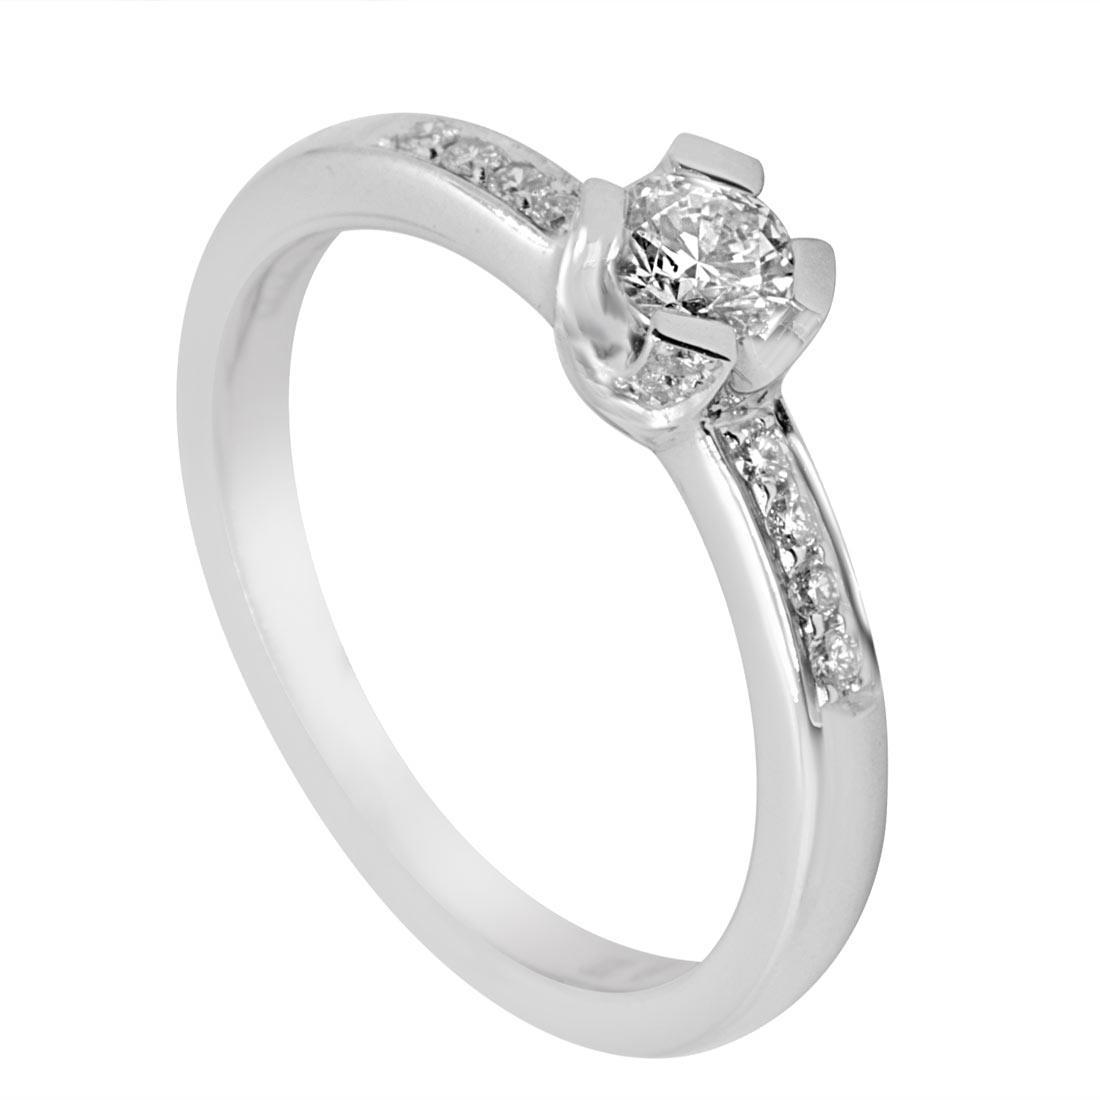 Anello in oro bianco con diamanti, mis 13 - ALFIERI & ST. JOHN